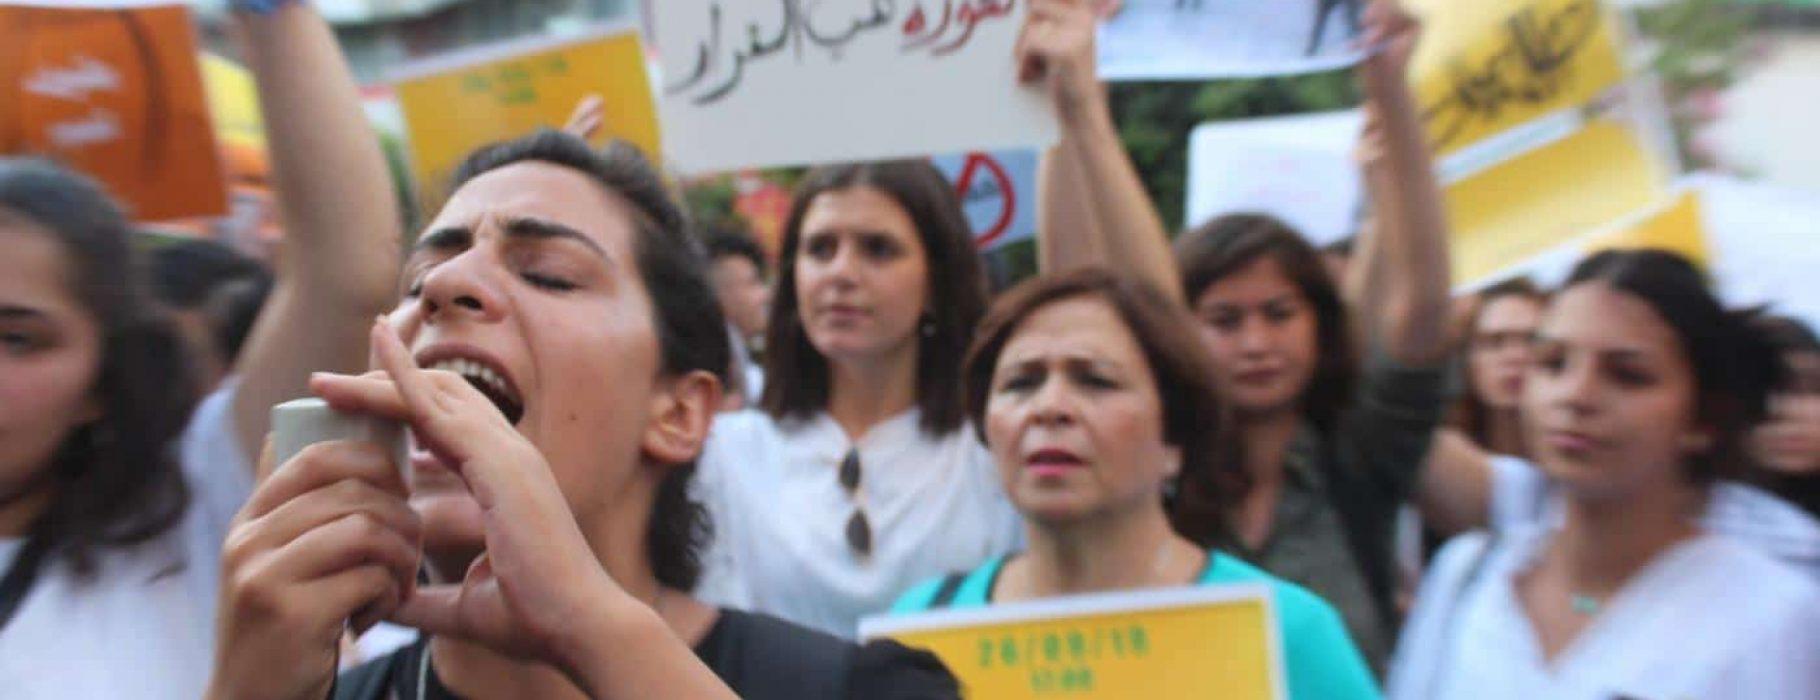 میثاقی برای شناسایی فلسطین به عنوان مسئلهای فمینیستی